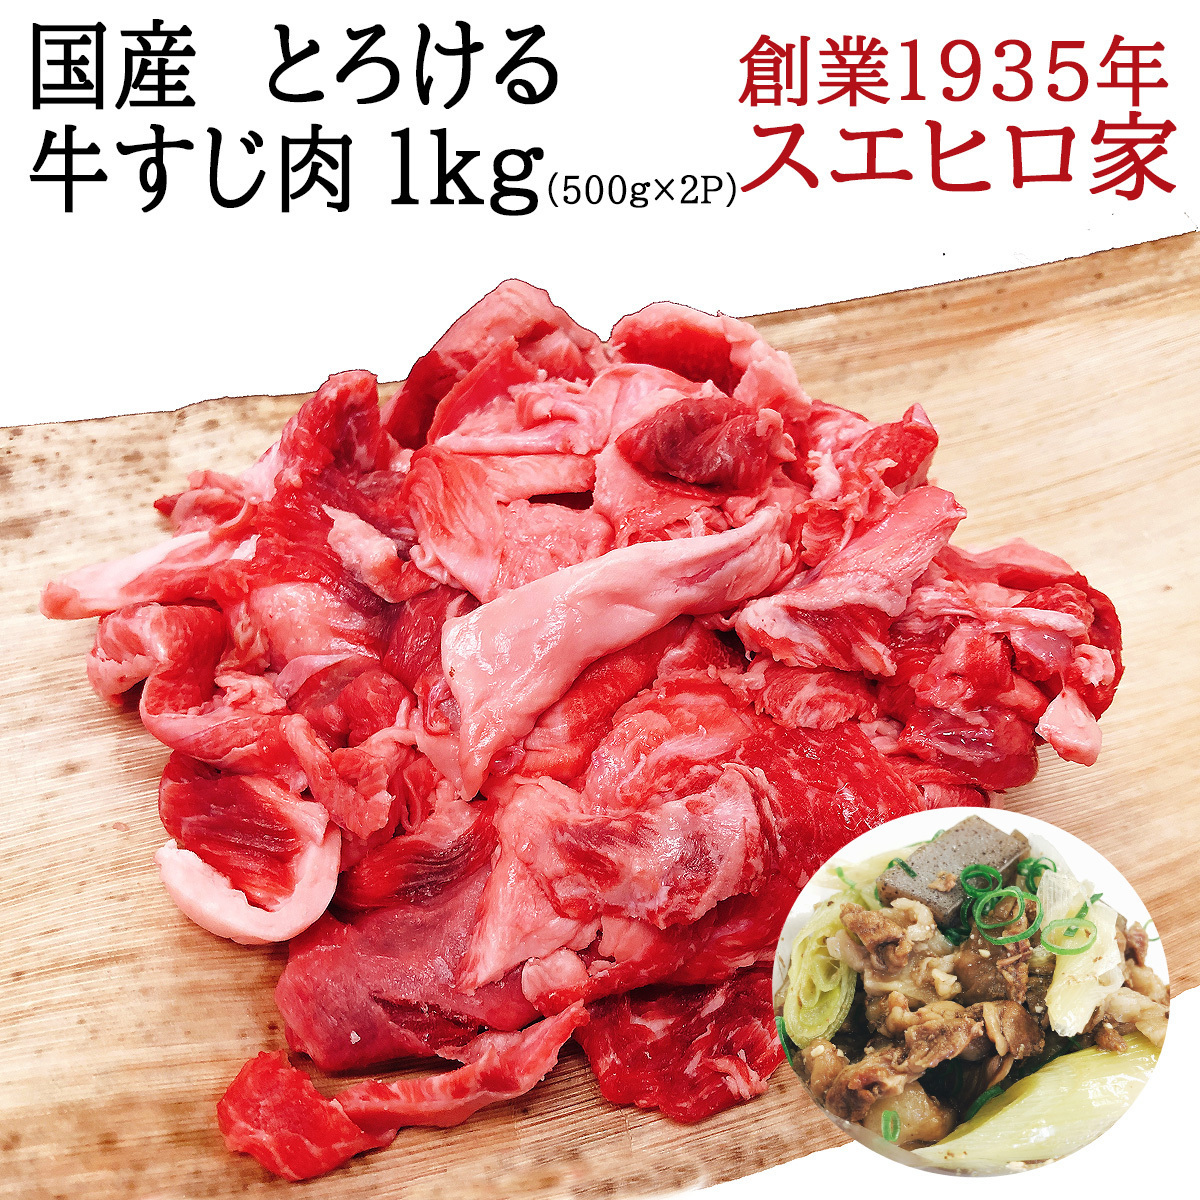 黒毛和牛 国産牛 とろける 牛すじ 1kg 牛筋 牛スジ すじ肉 牛肉_画像1